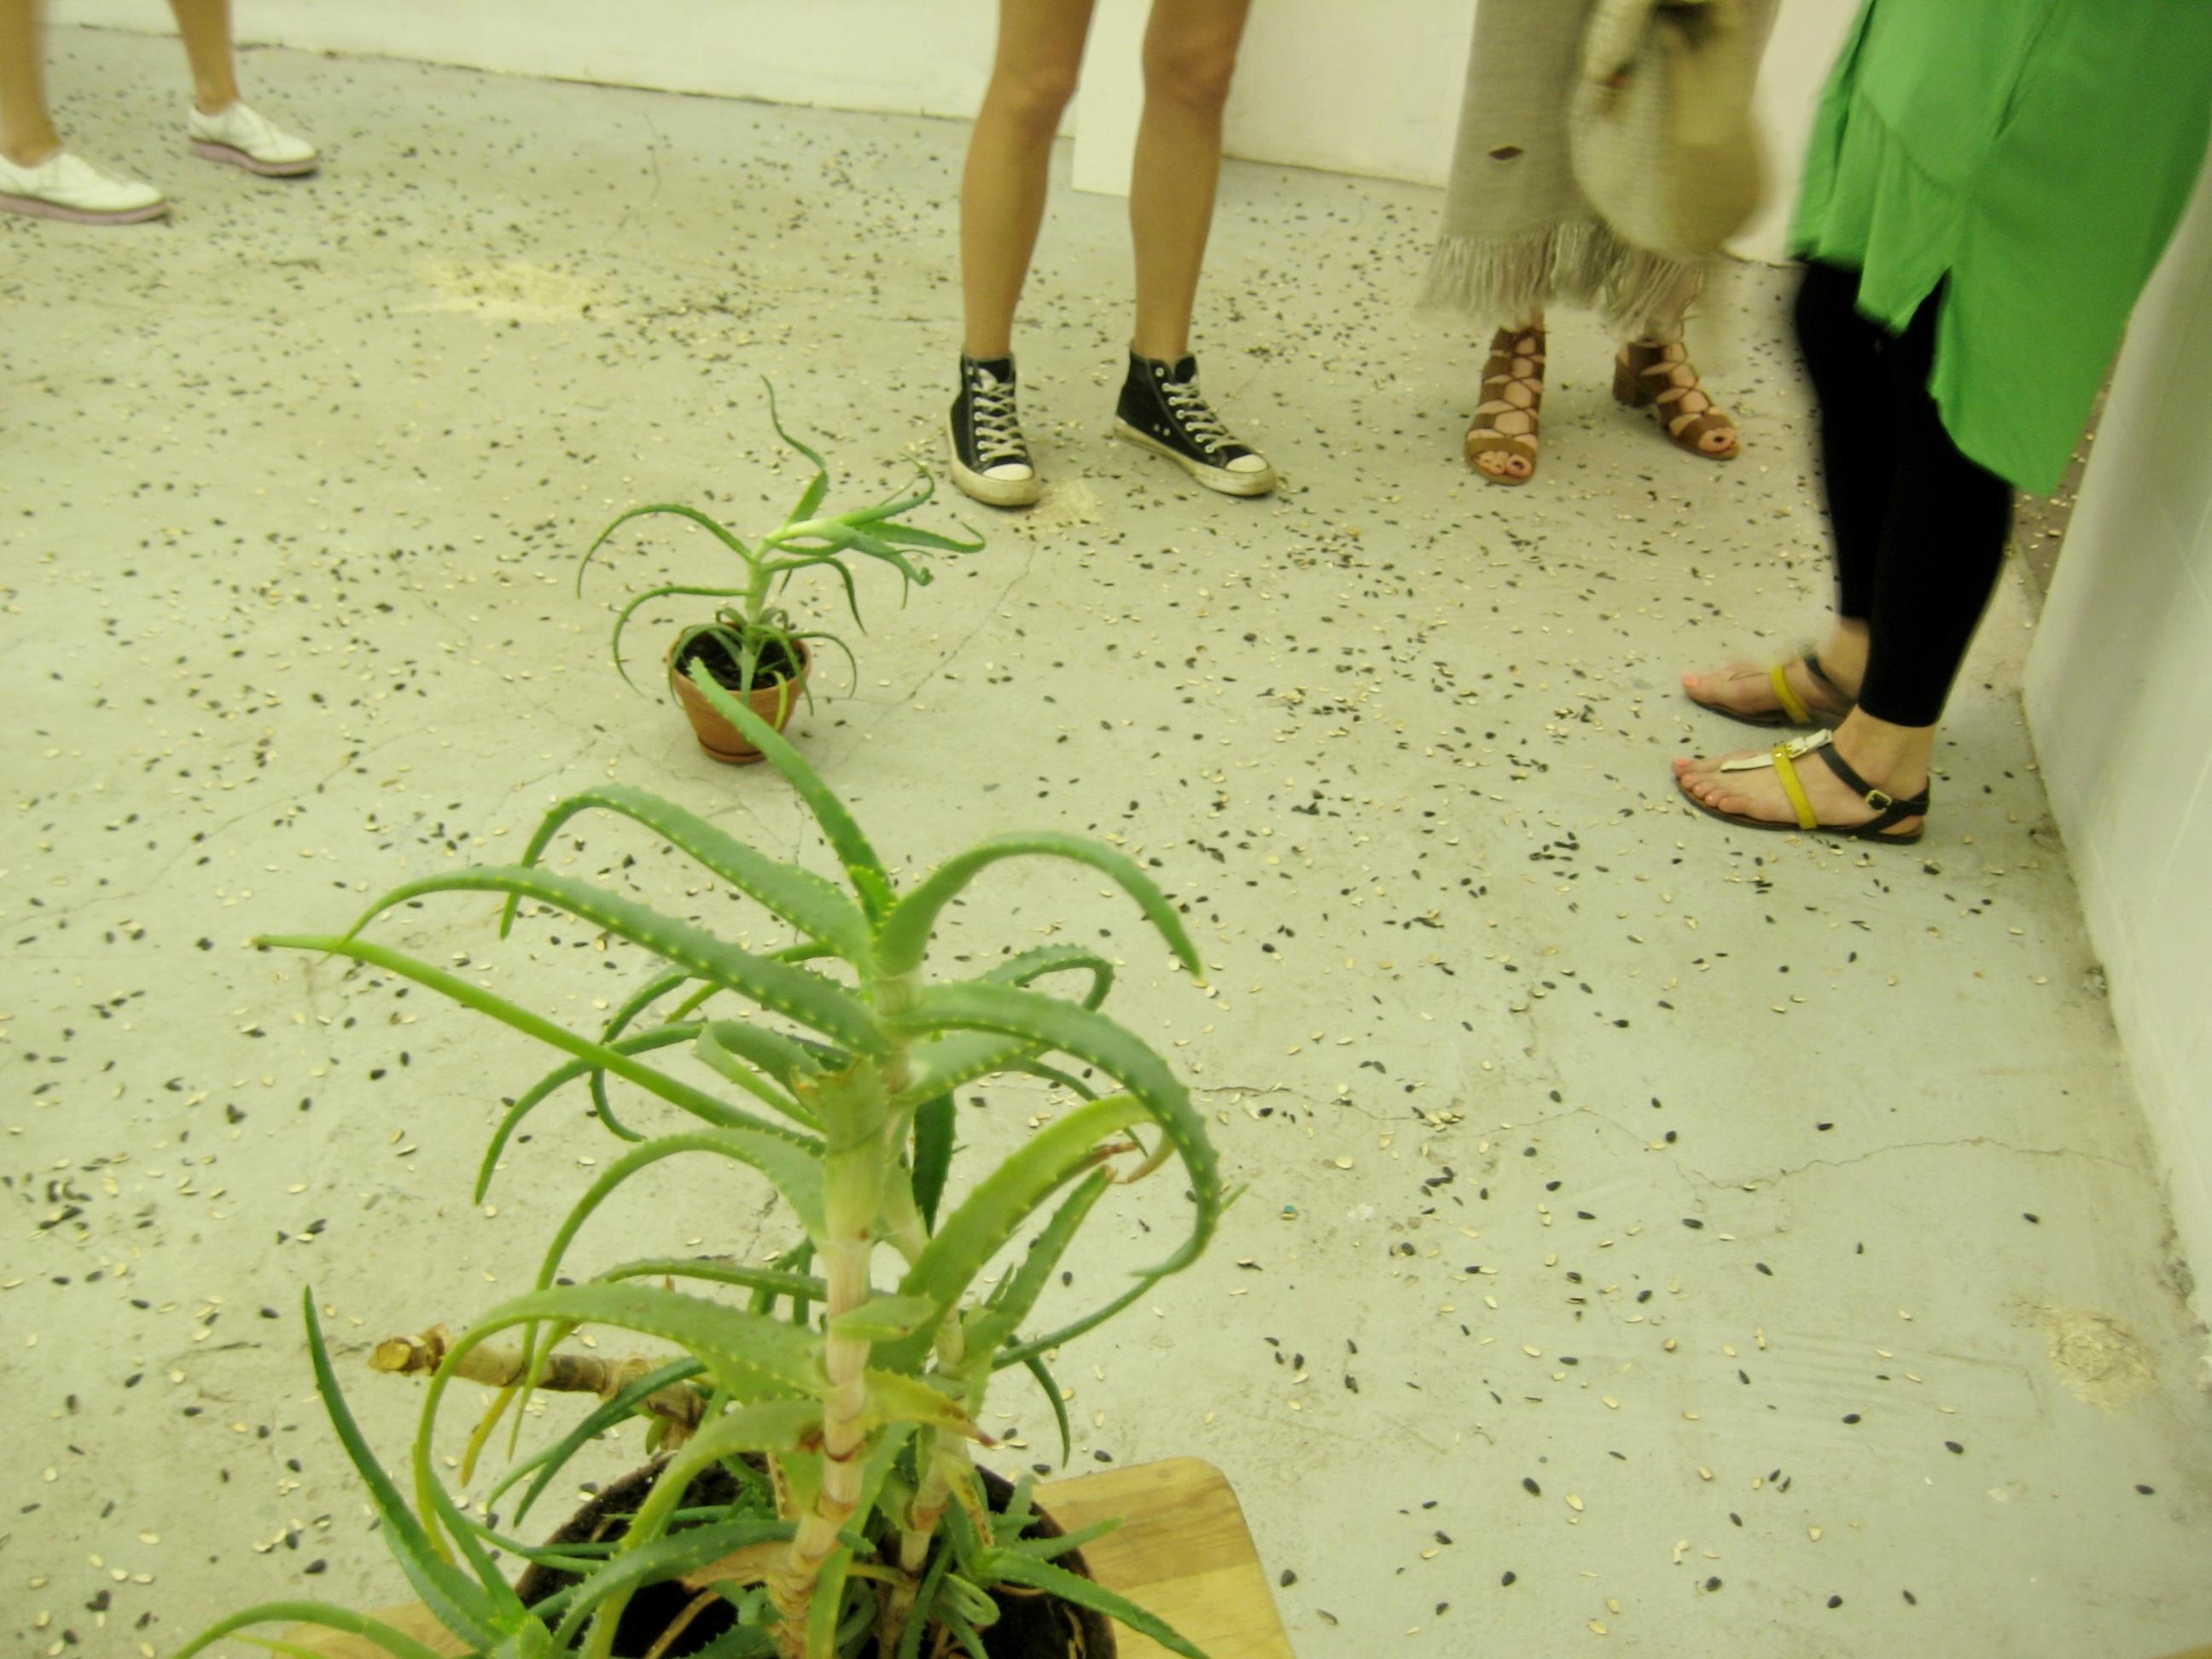 Художница полгода грызла семечки для своего проекта